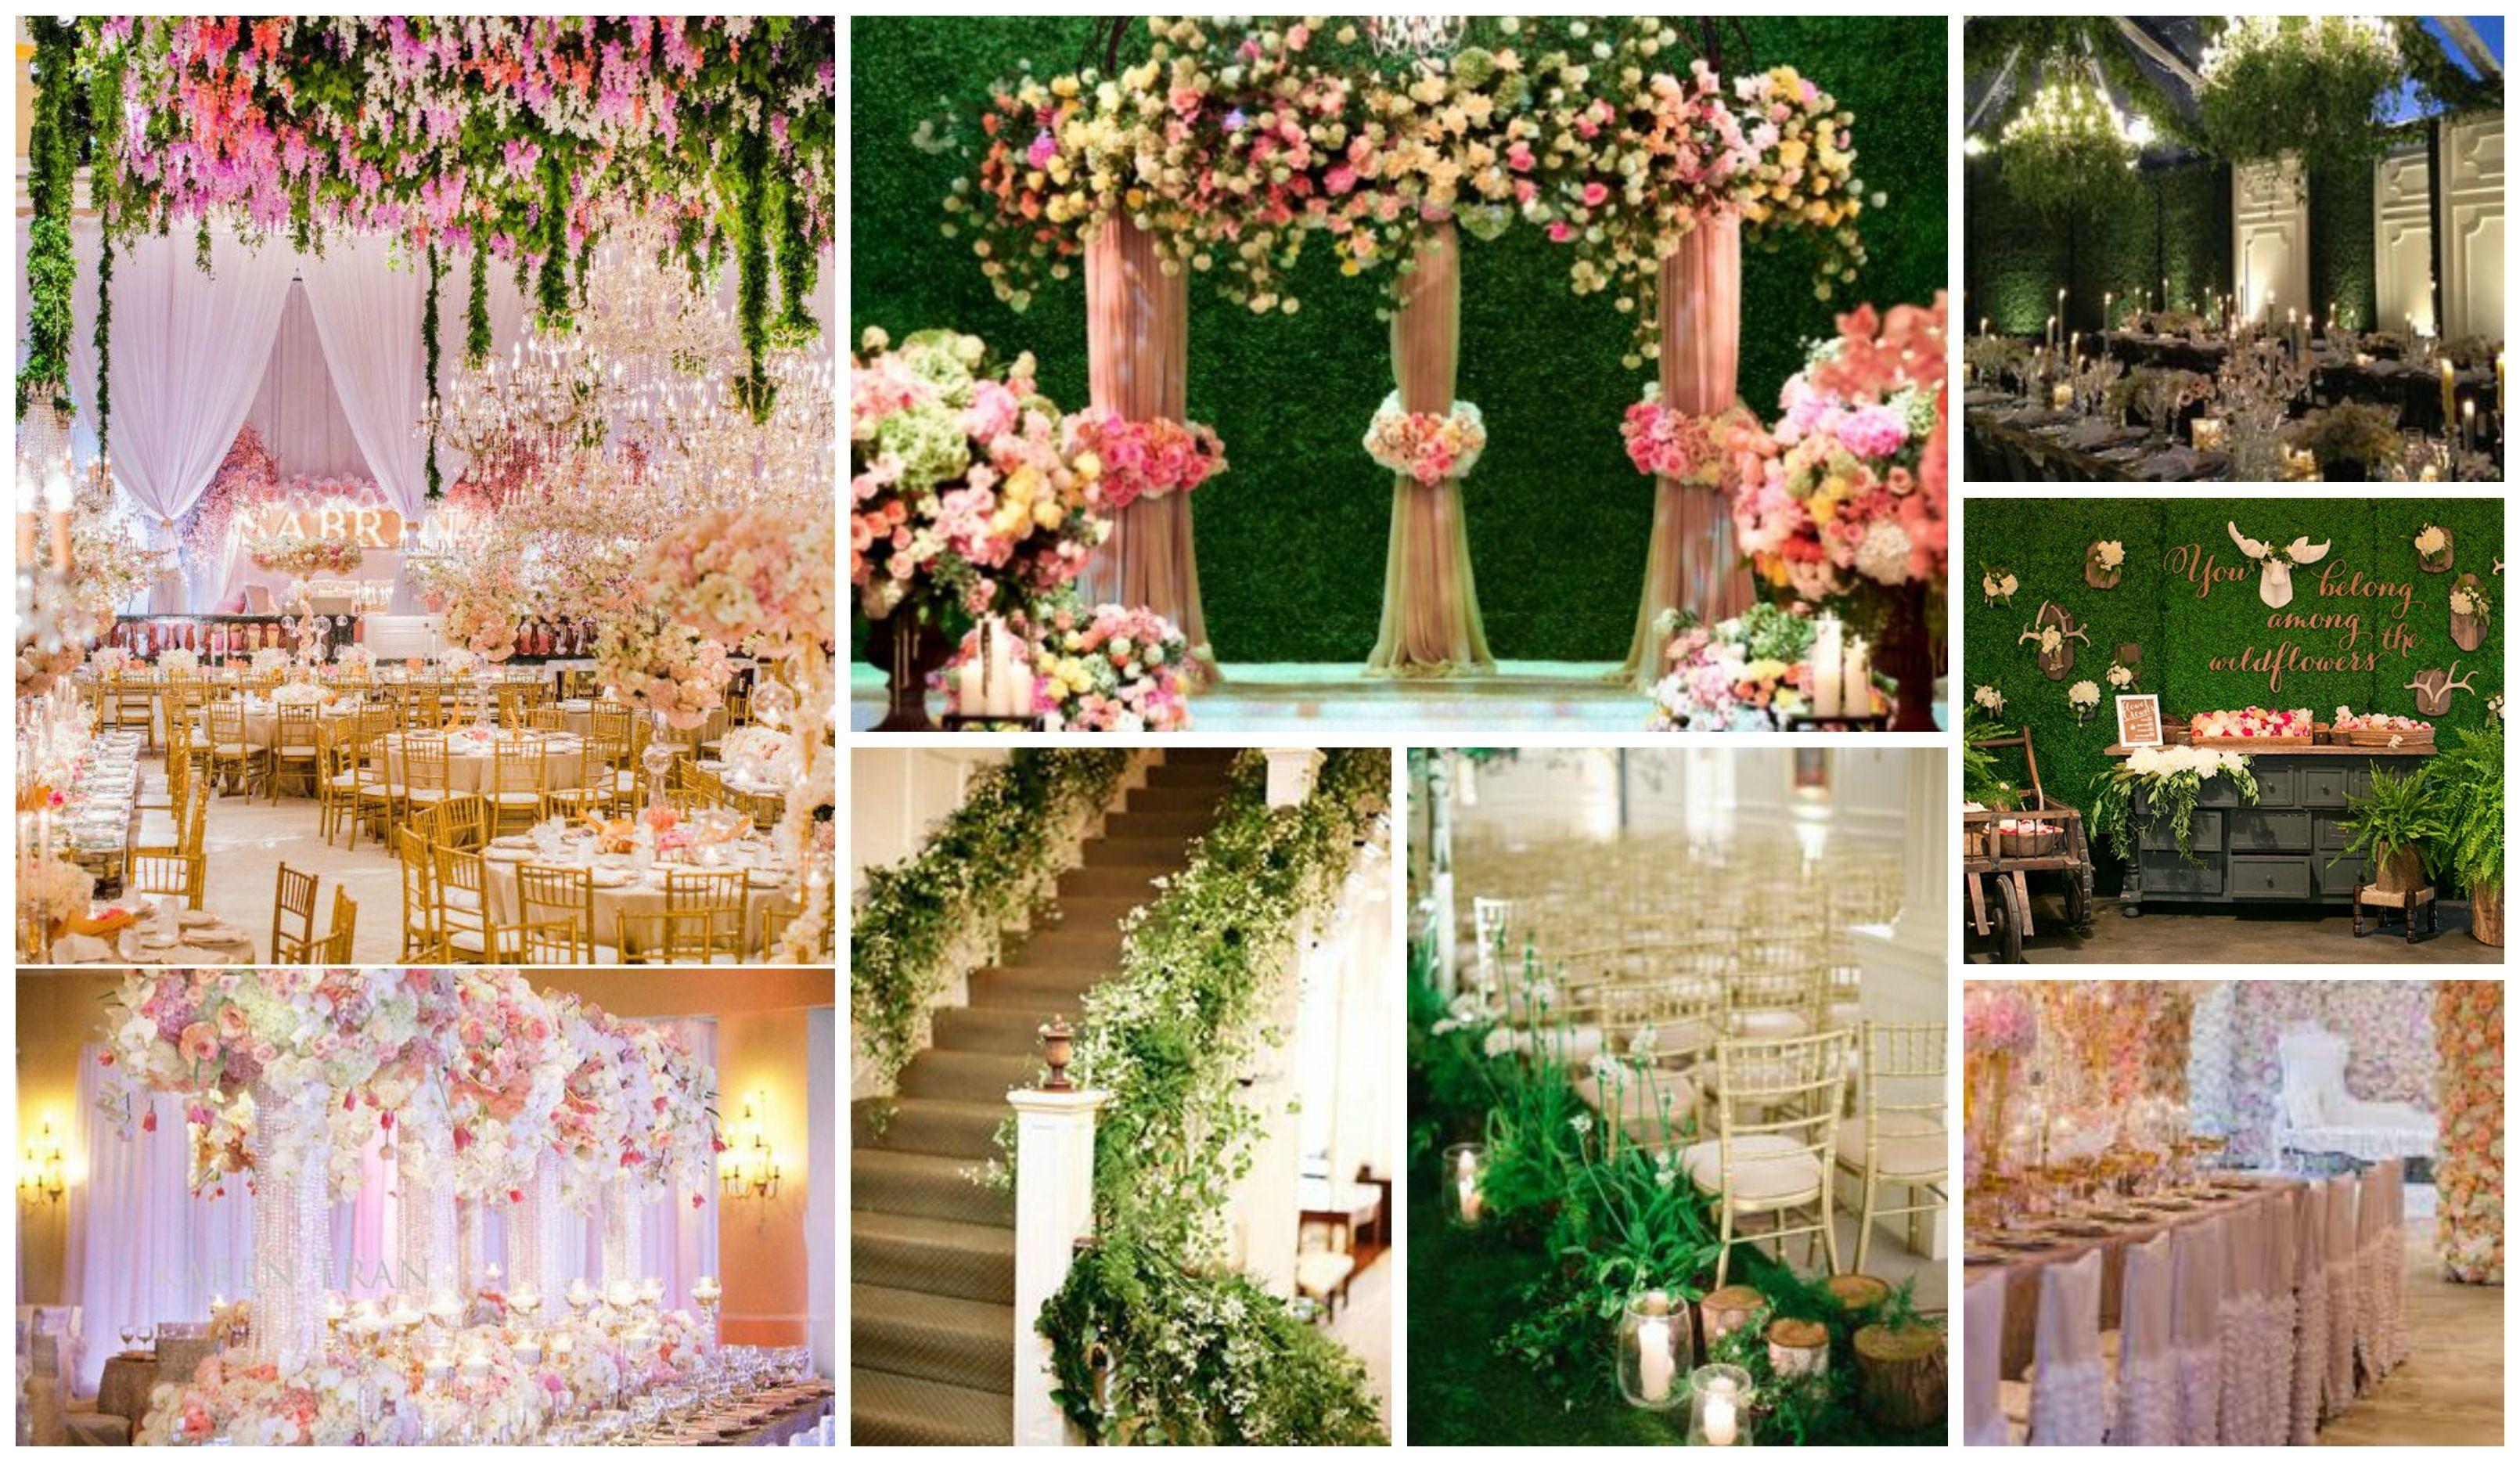 english garden themed wedding ideas | garden wedding